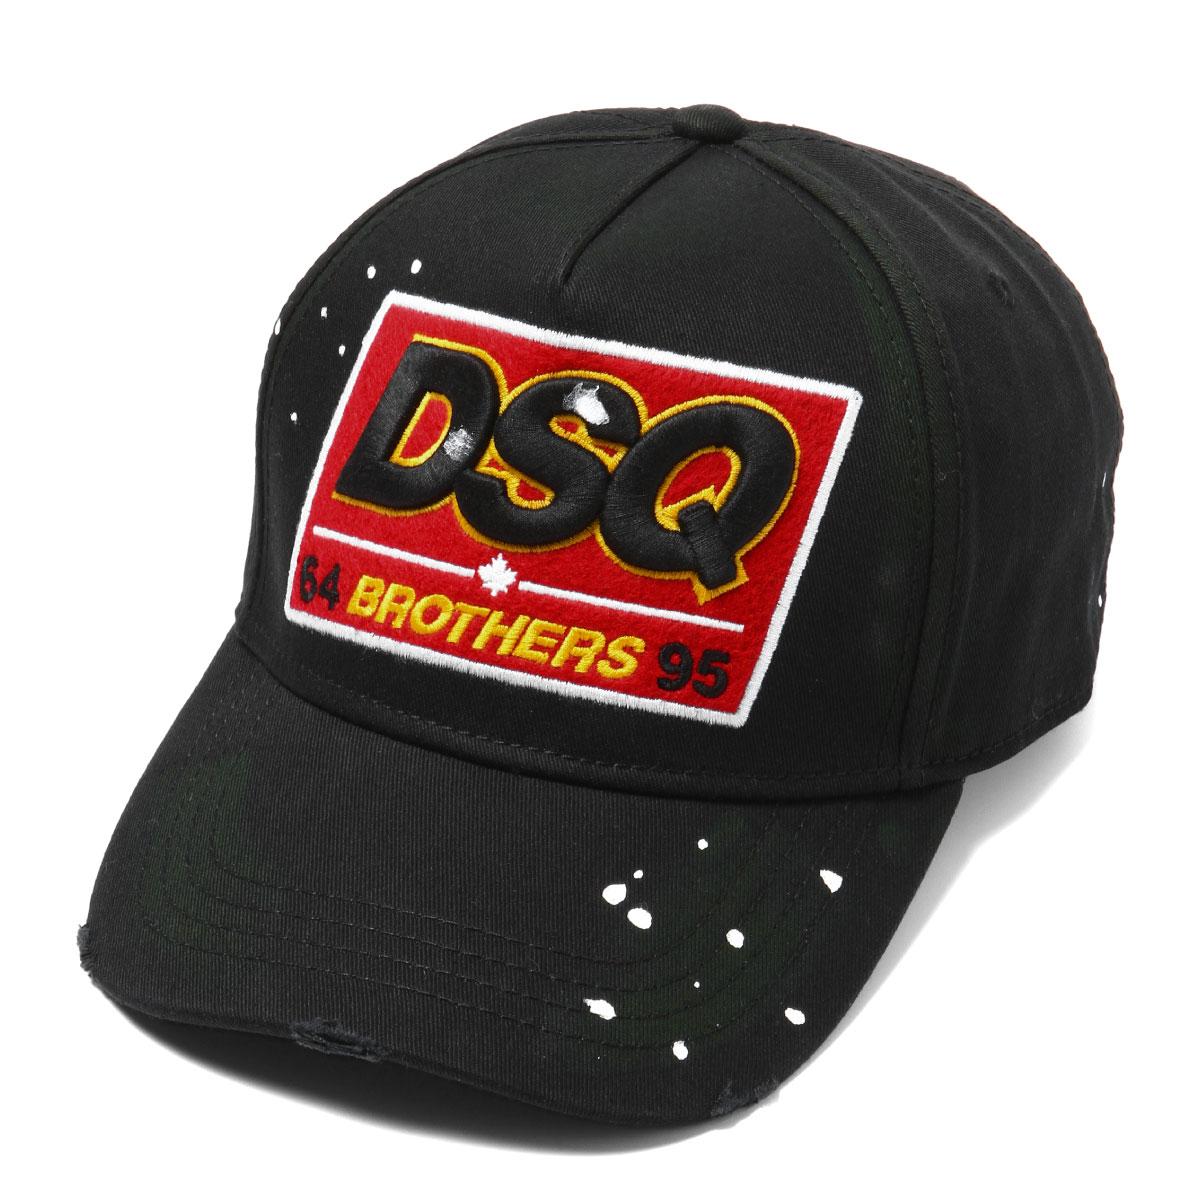 ディースクエアード DSQUARED 2 キャップ メンズ BCM0066 05C00001 2124 NERO ブラック